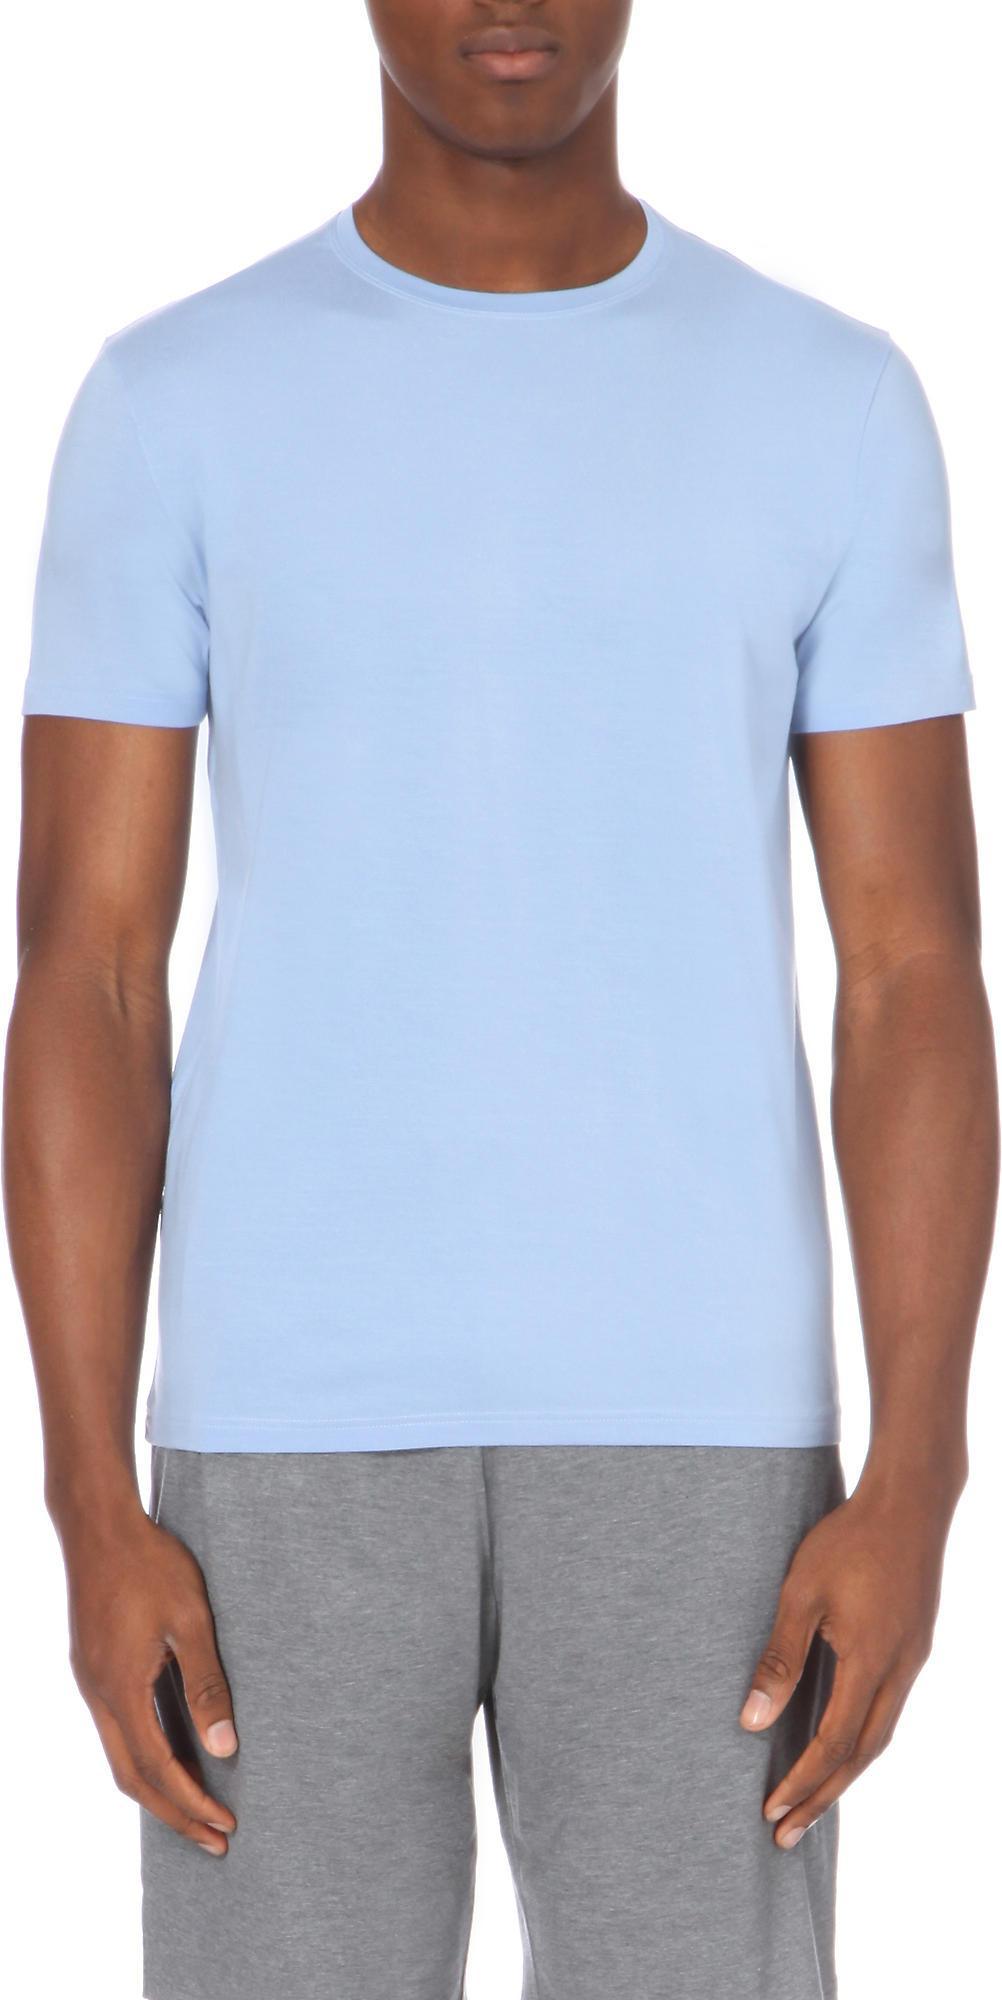 3a7444e0310a Derek Rose Basel Jersey T-shirt in Blue for Men - Lyst